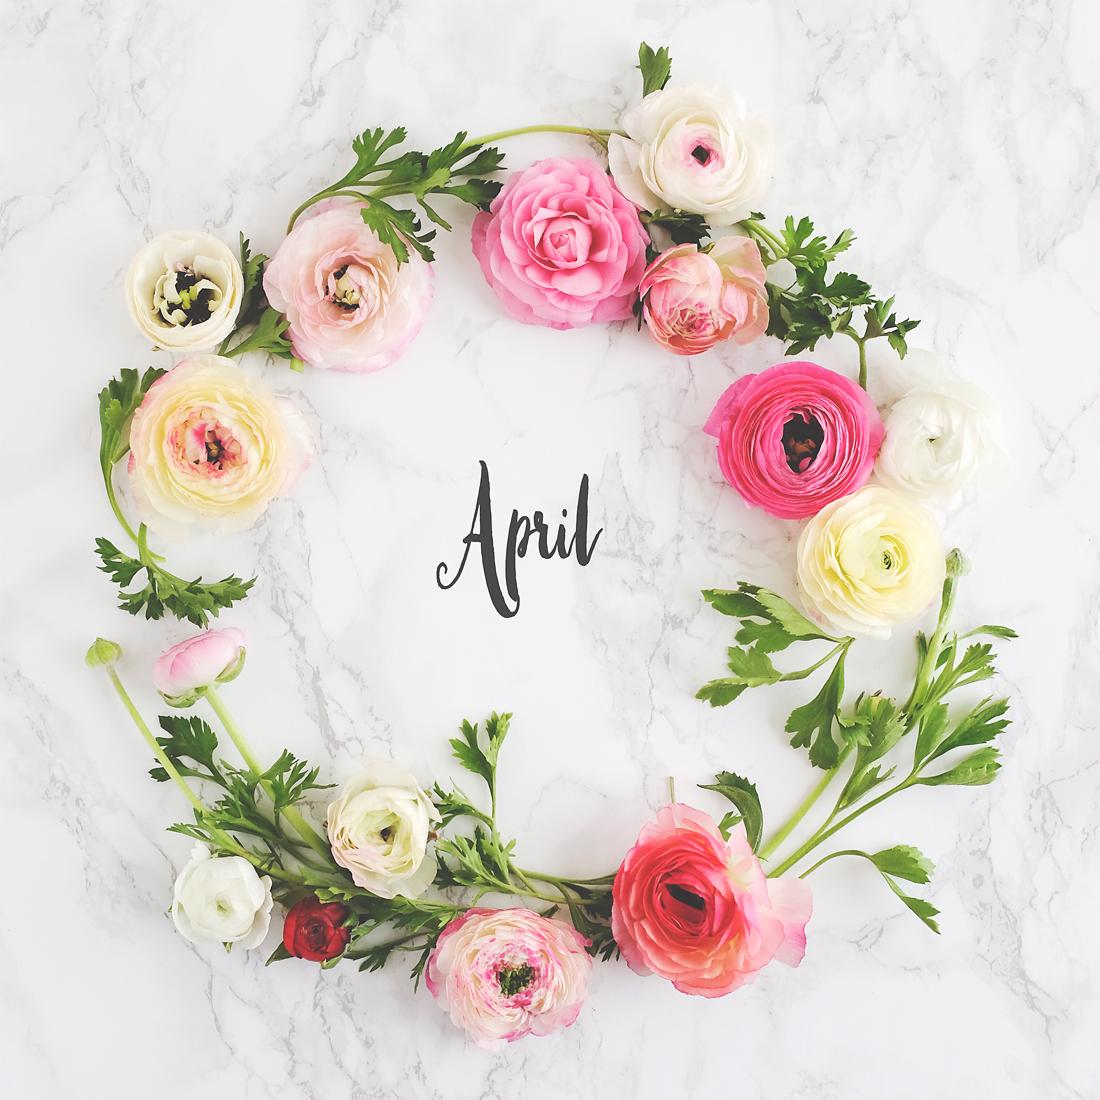 Ladybythebay-April